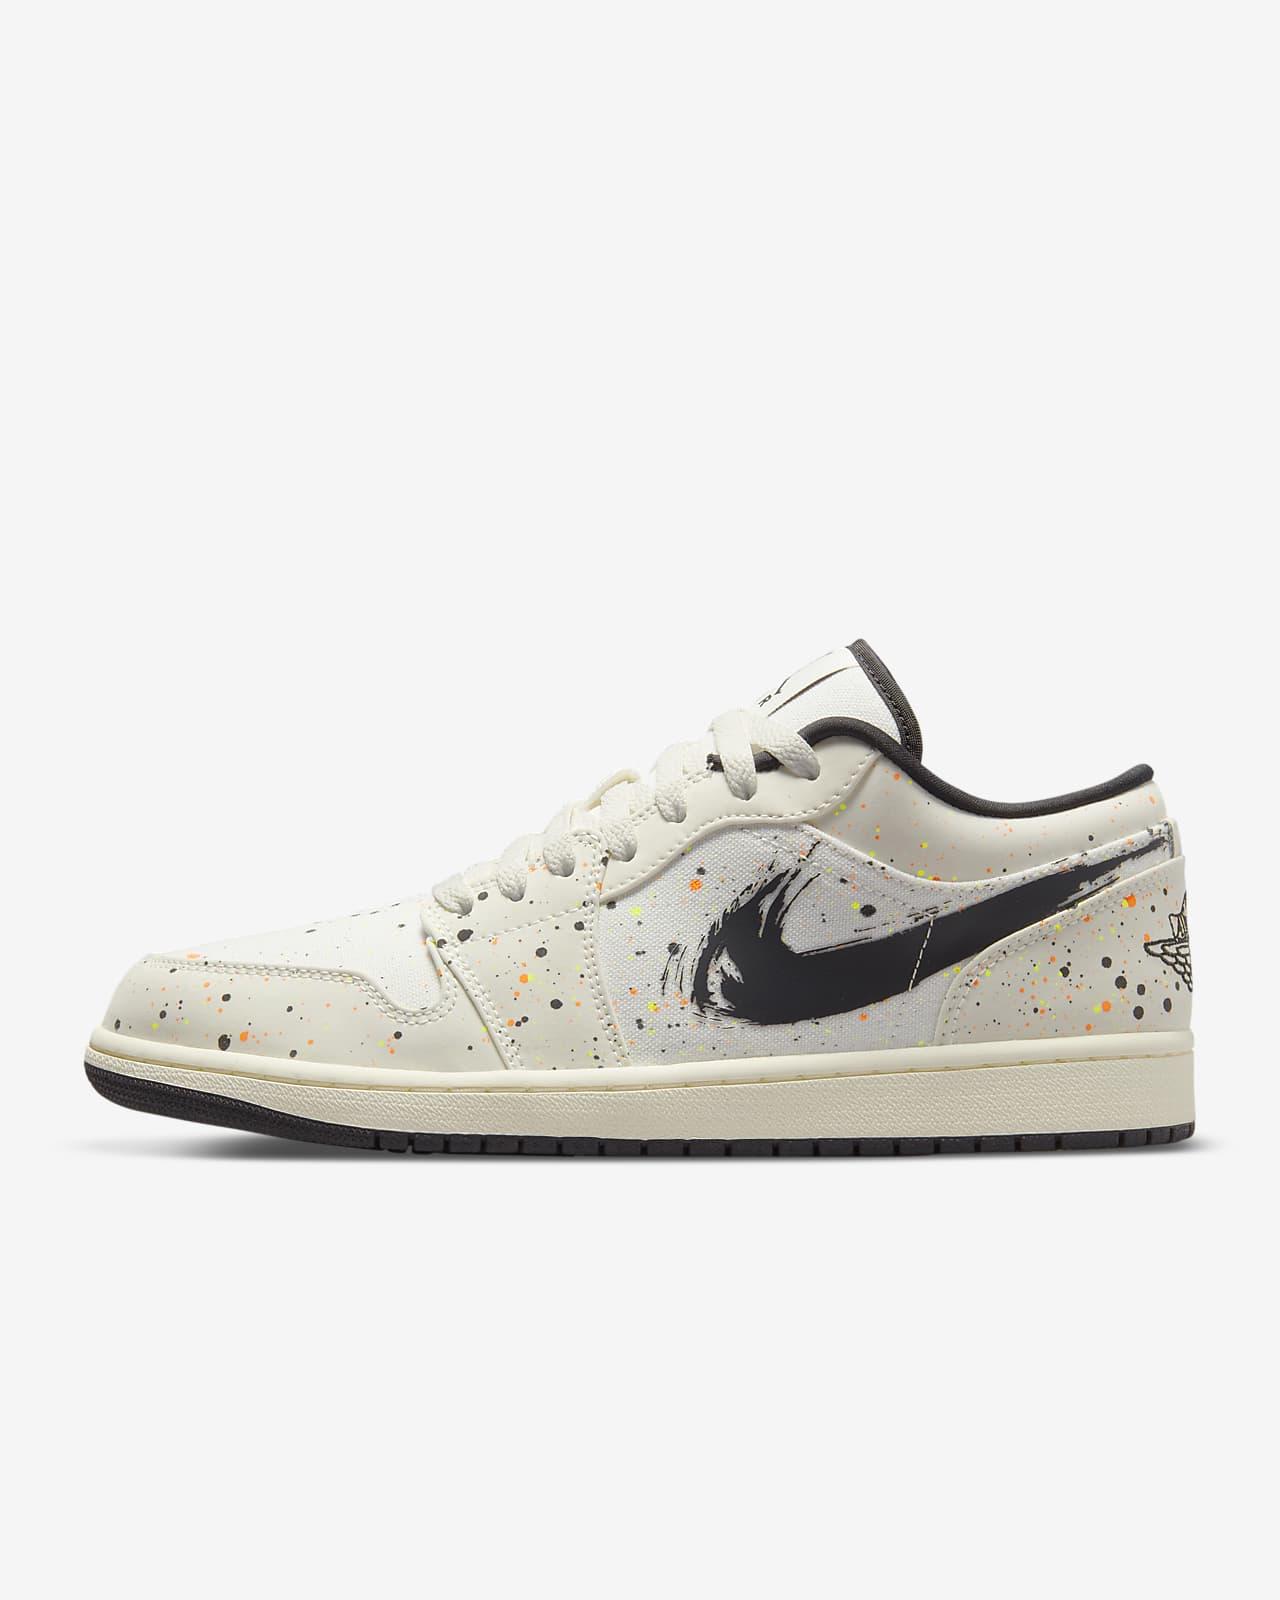 Chaussure Air Jordan 1 Low SE. Nike LU